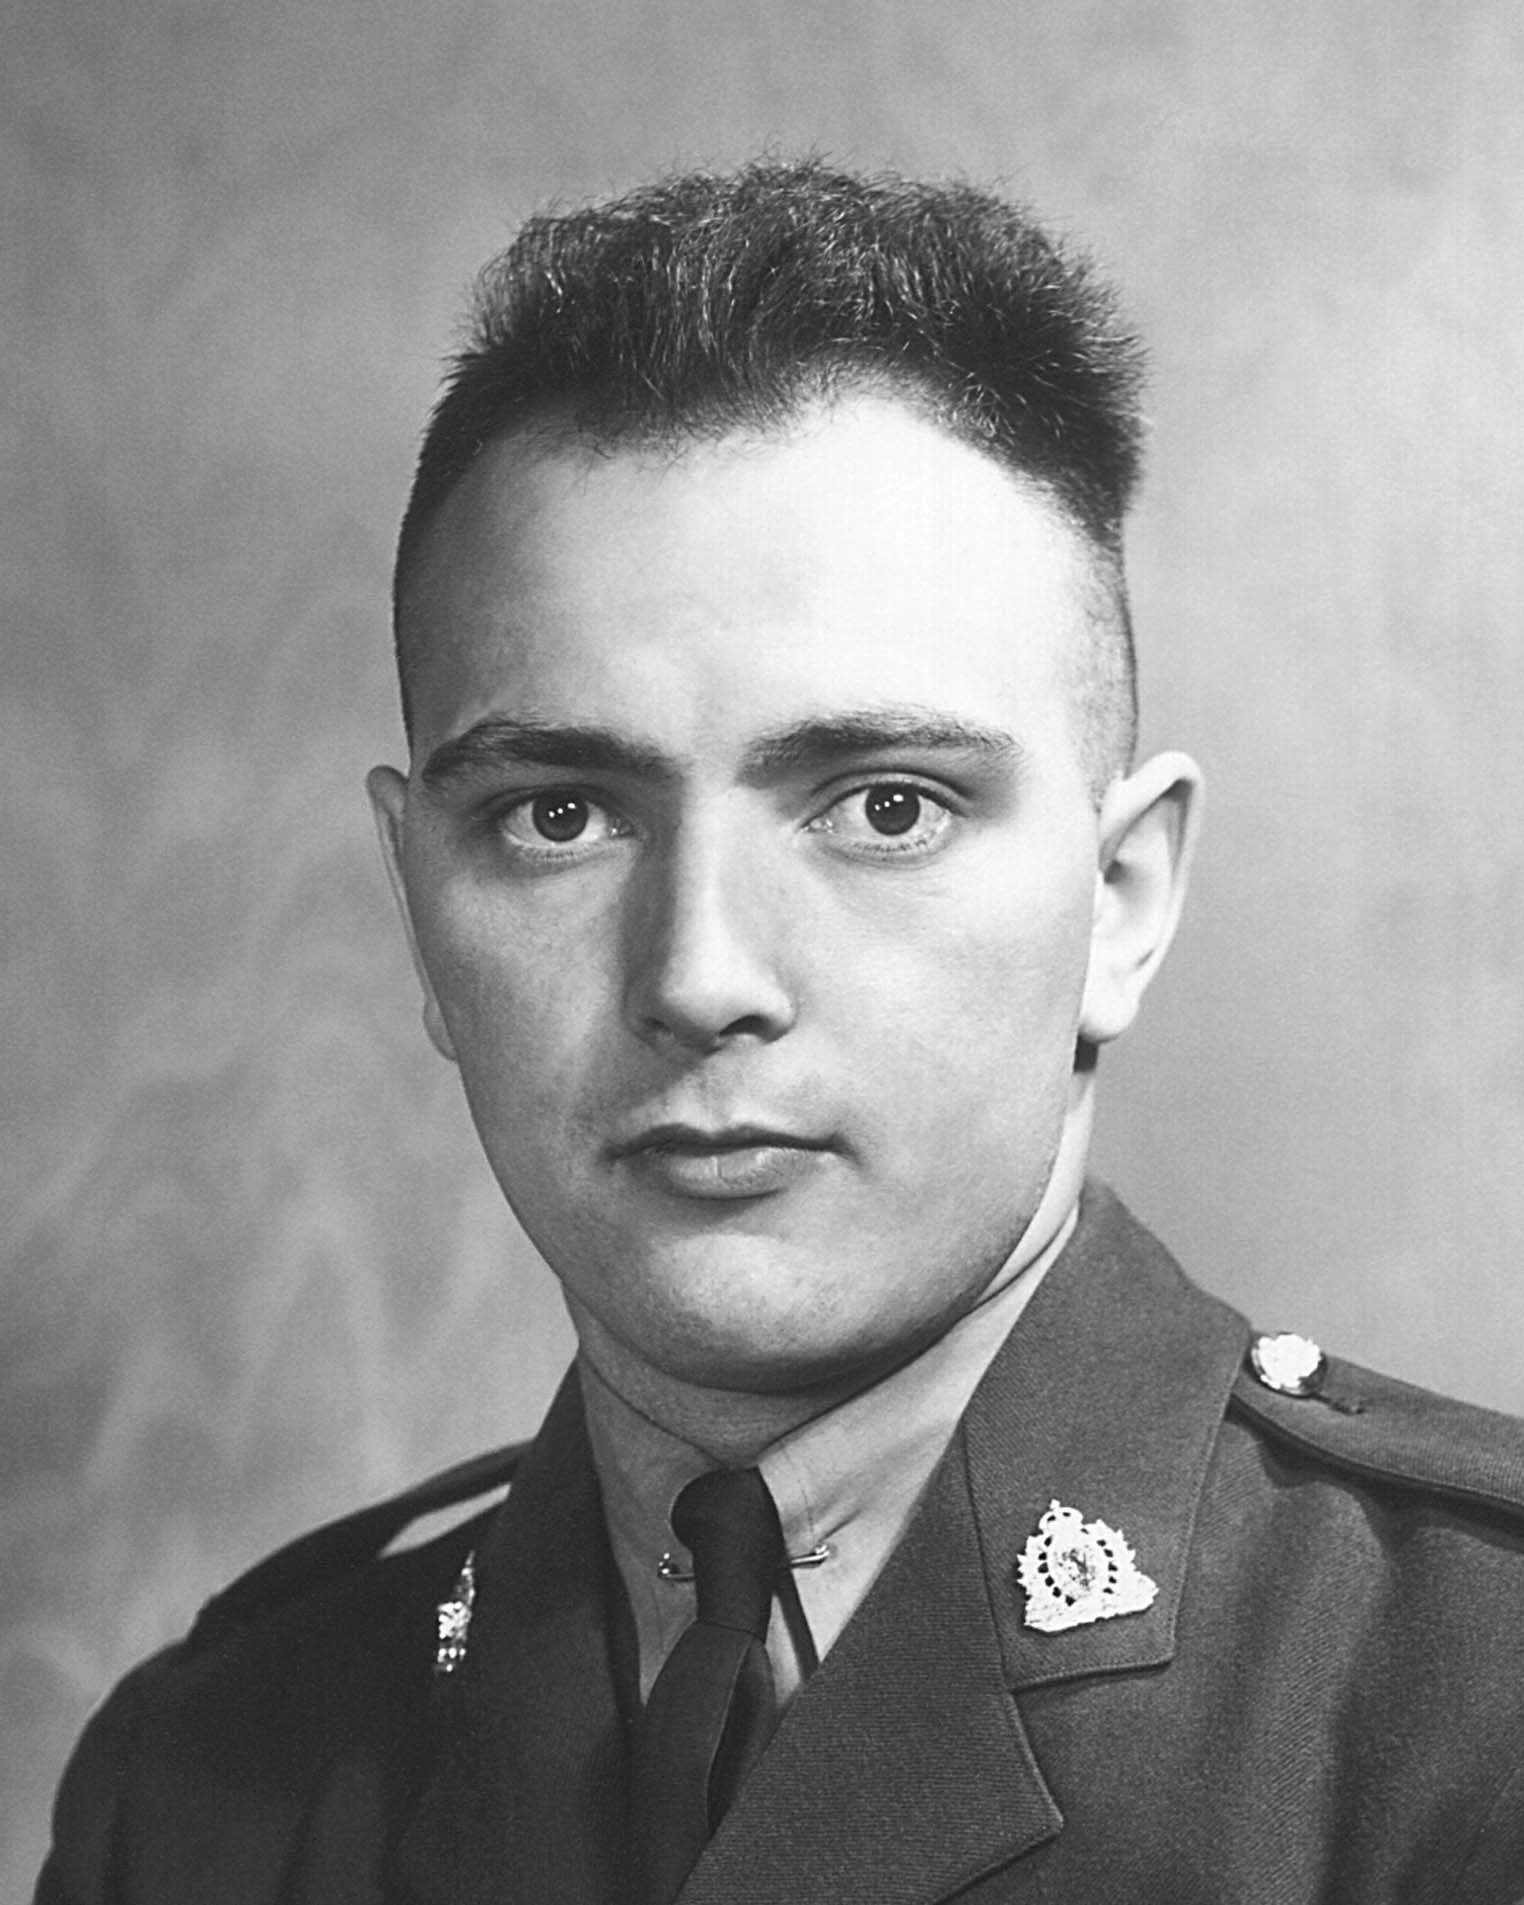 Gendarme Joseph Kasimir Sander – © Sa Majesté la Reine du chef du Canada représentée par la Gendarmerie royale du Canada